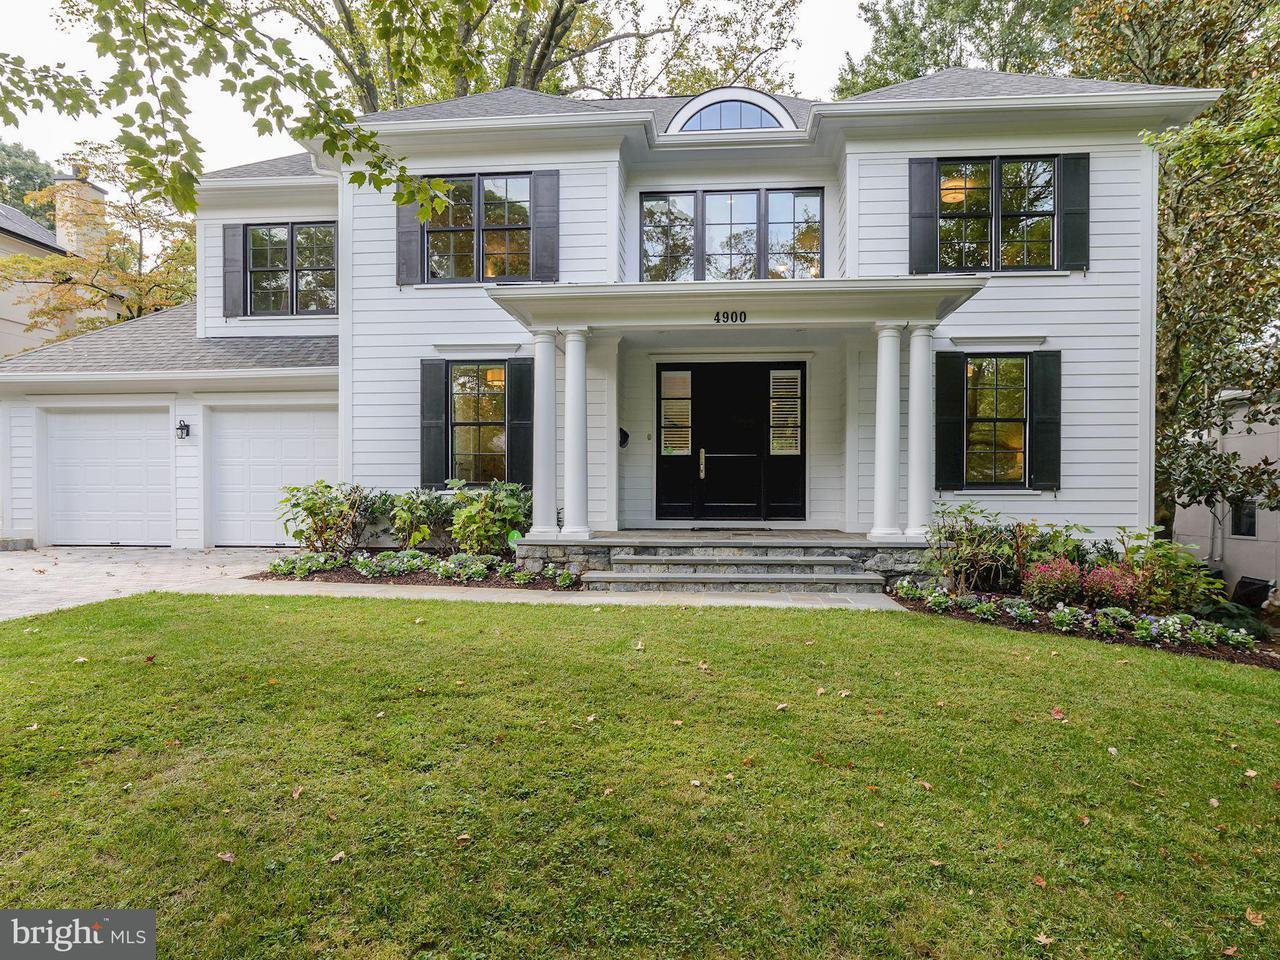 一戸建て のために 売買 アット 4900 FALSTONE Avenue 4900 FALSTONE Avenue Chevy Chase, メリーランド 20815 アメリカ合衆国